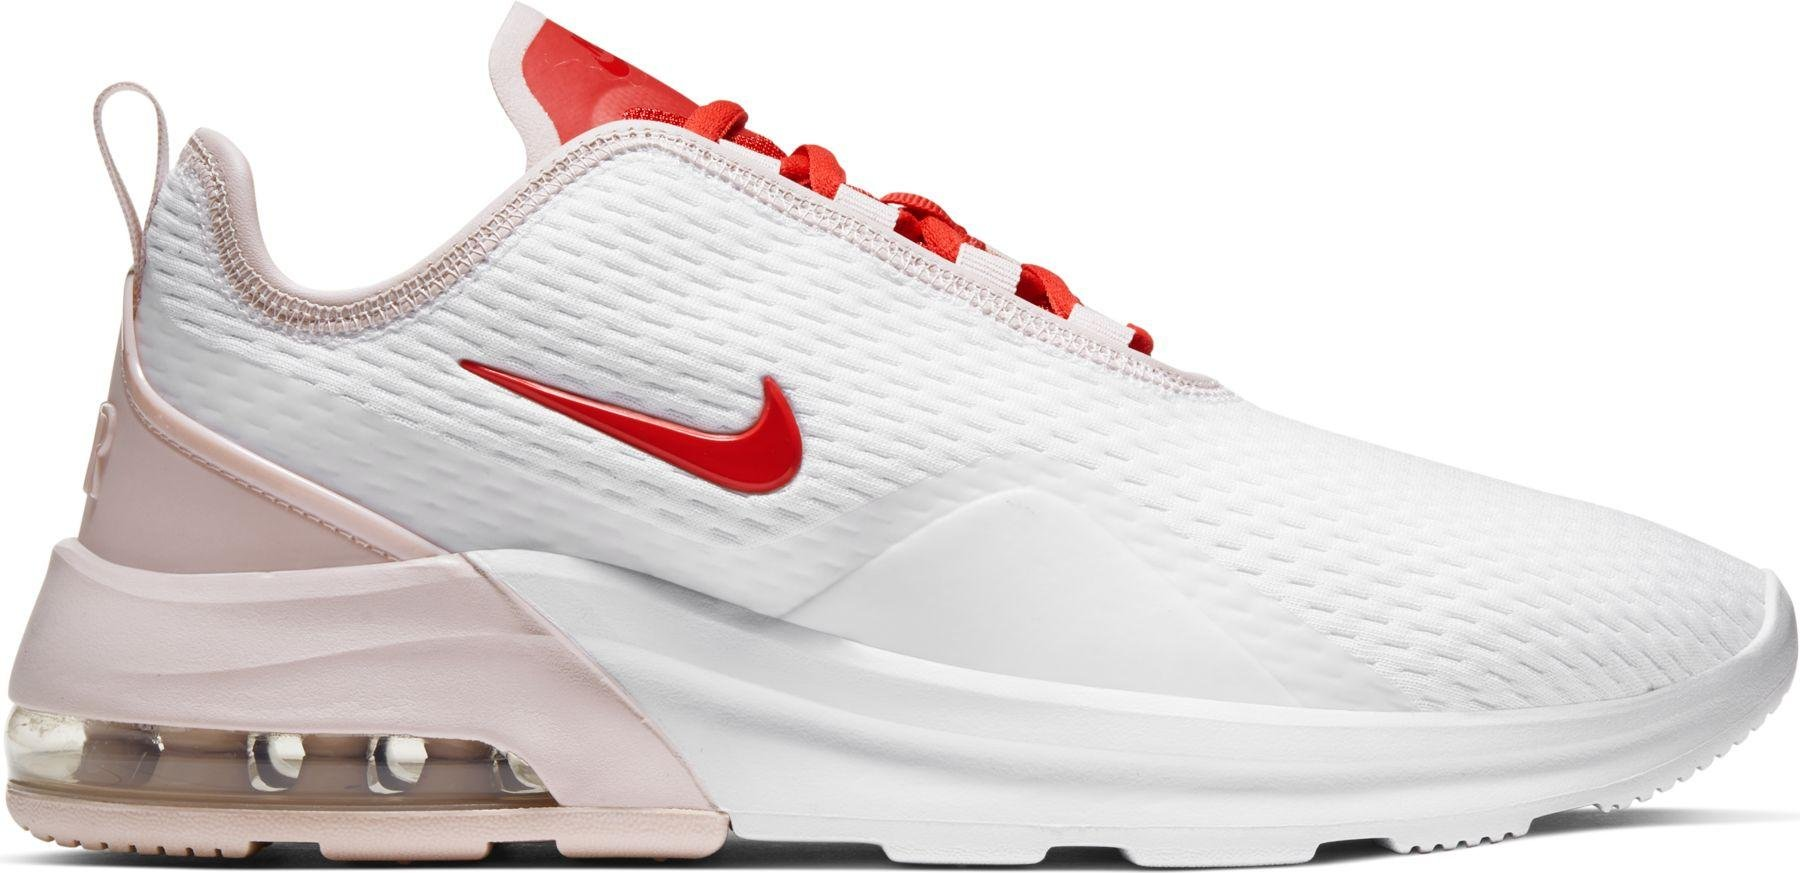 Obuv Nike WMNS AIR MAX MOTION 2 ES1 cd5440-100 Veľkosť 37,5 EU | 4 UK | 6,5 US | 23,5 CM